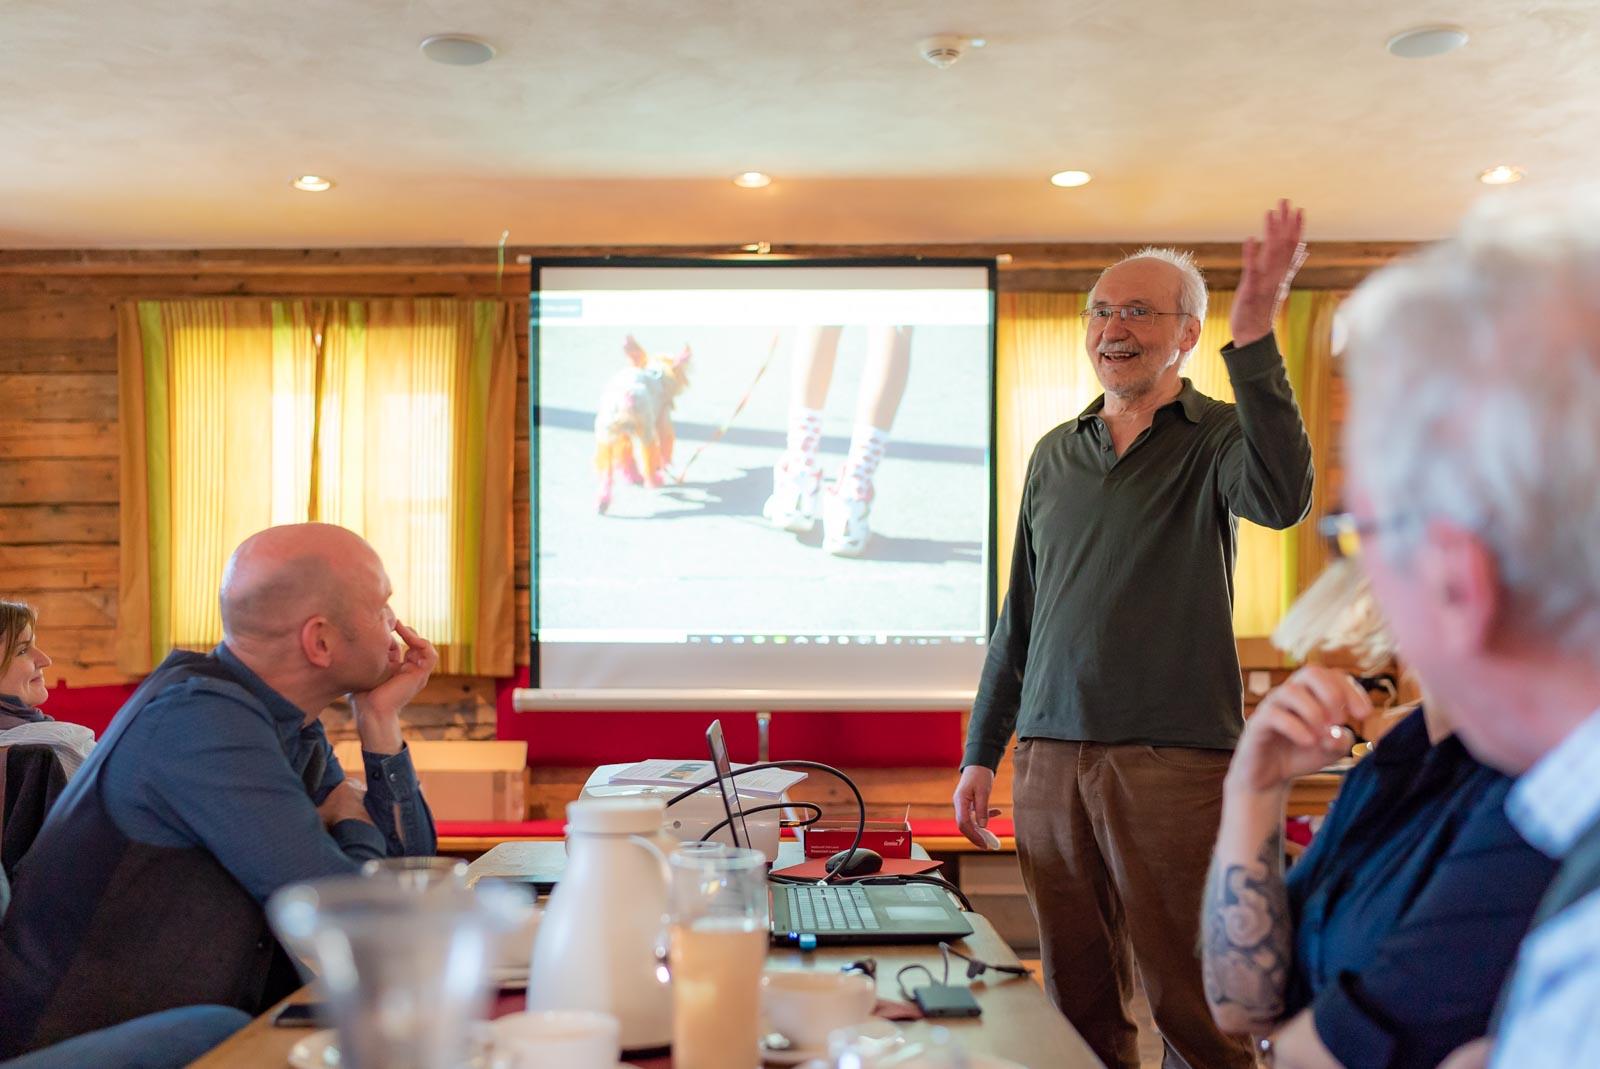 Herbert Becke zu Gast beim Fotoclub Wolfratshausen in seinem unnachahmlichen Element